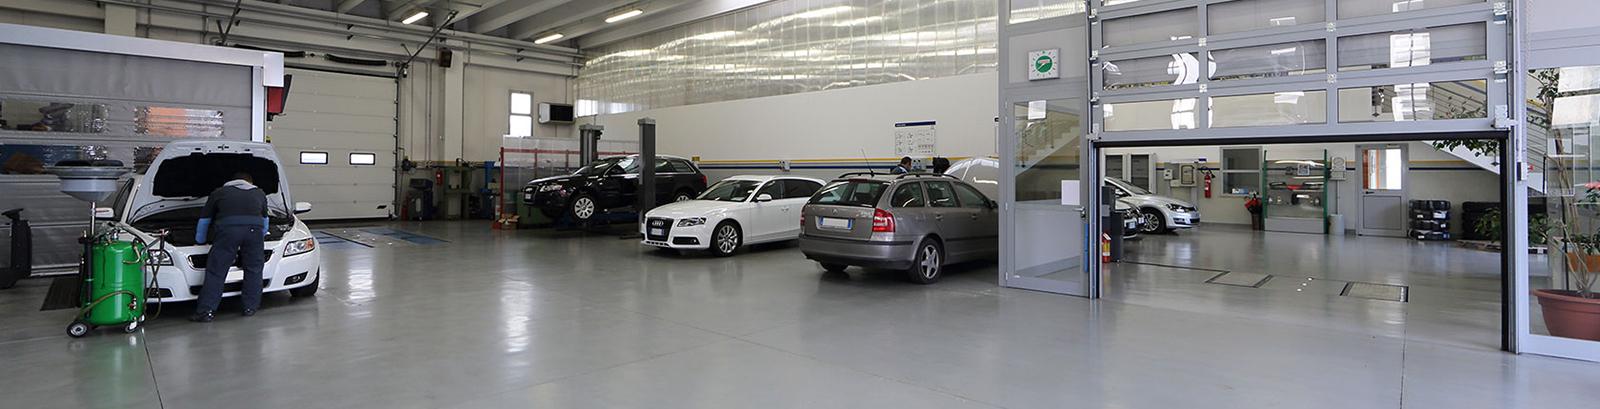 Manutenzione sperandio automobili - Manutenzione ordinaria casa ...